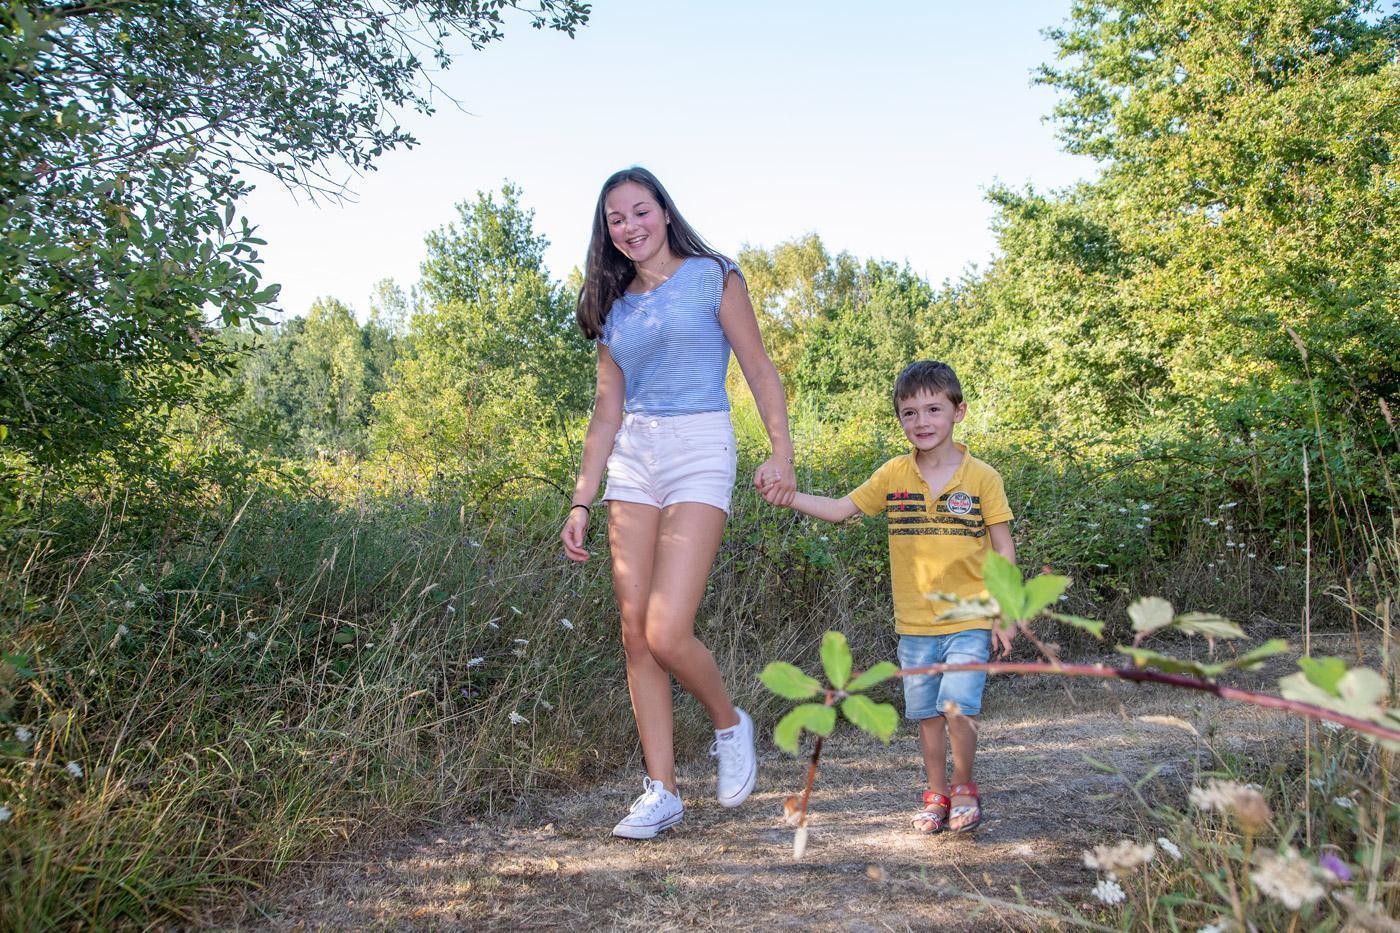 Camping Sites Et Paysages Les Saules Cheverny Activite Parcours Enfants (1)